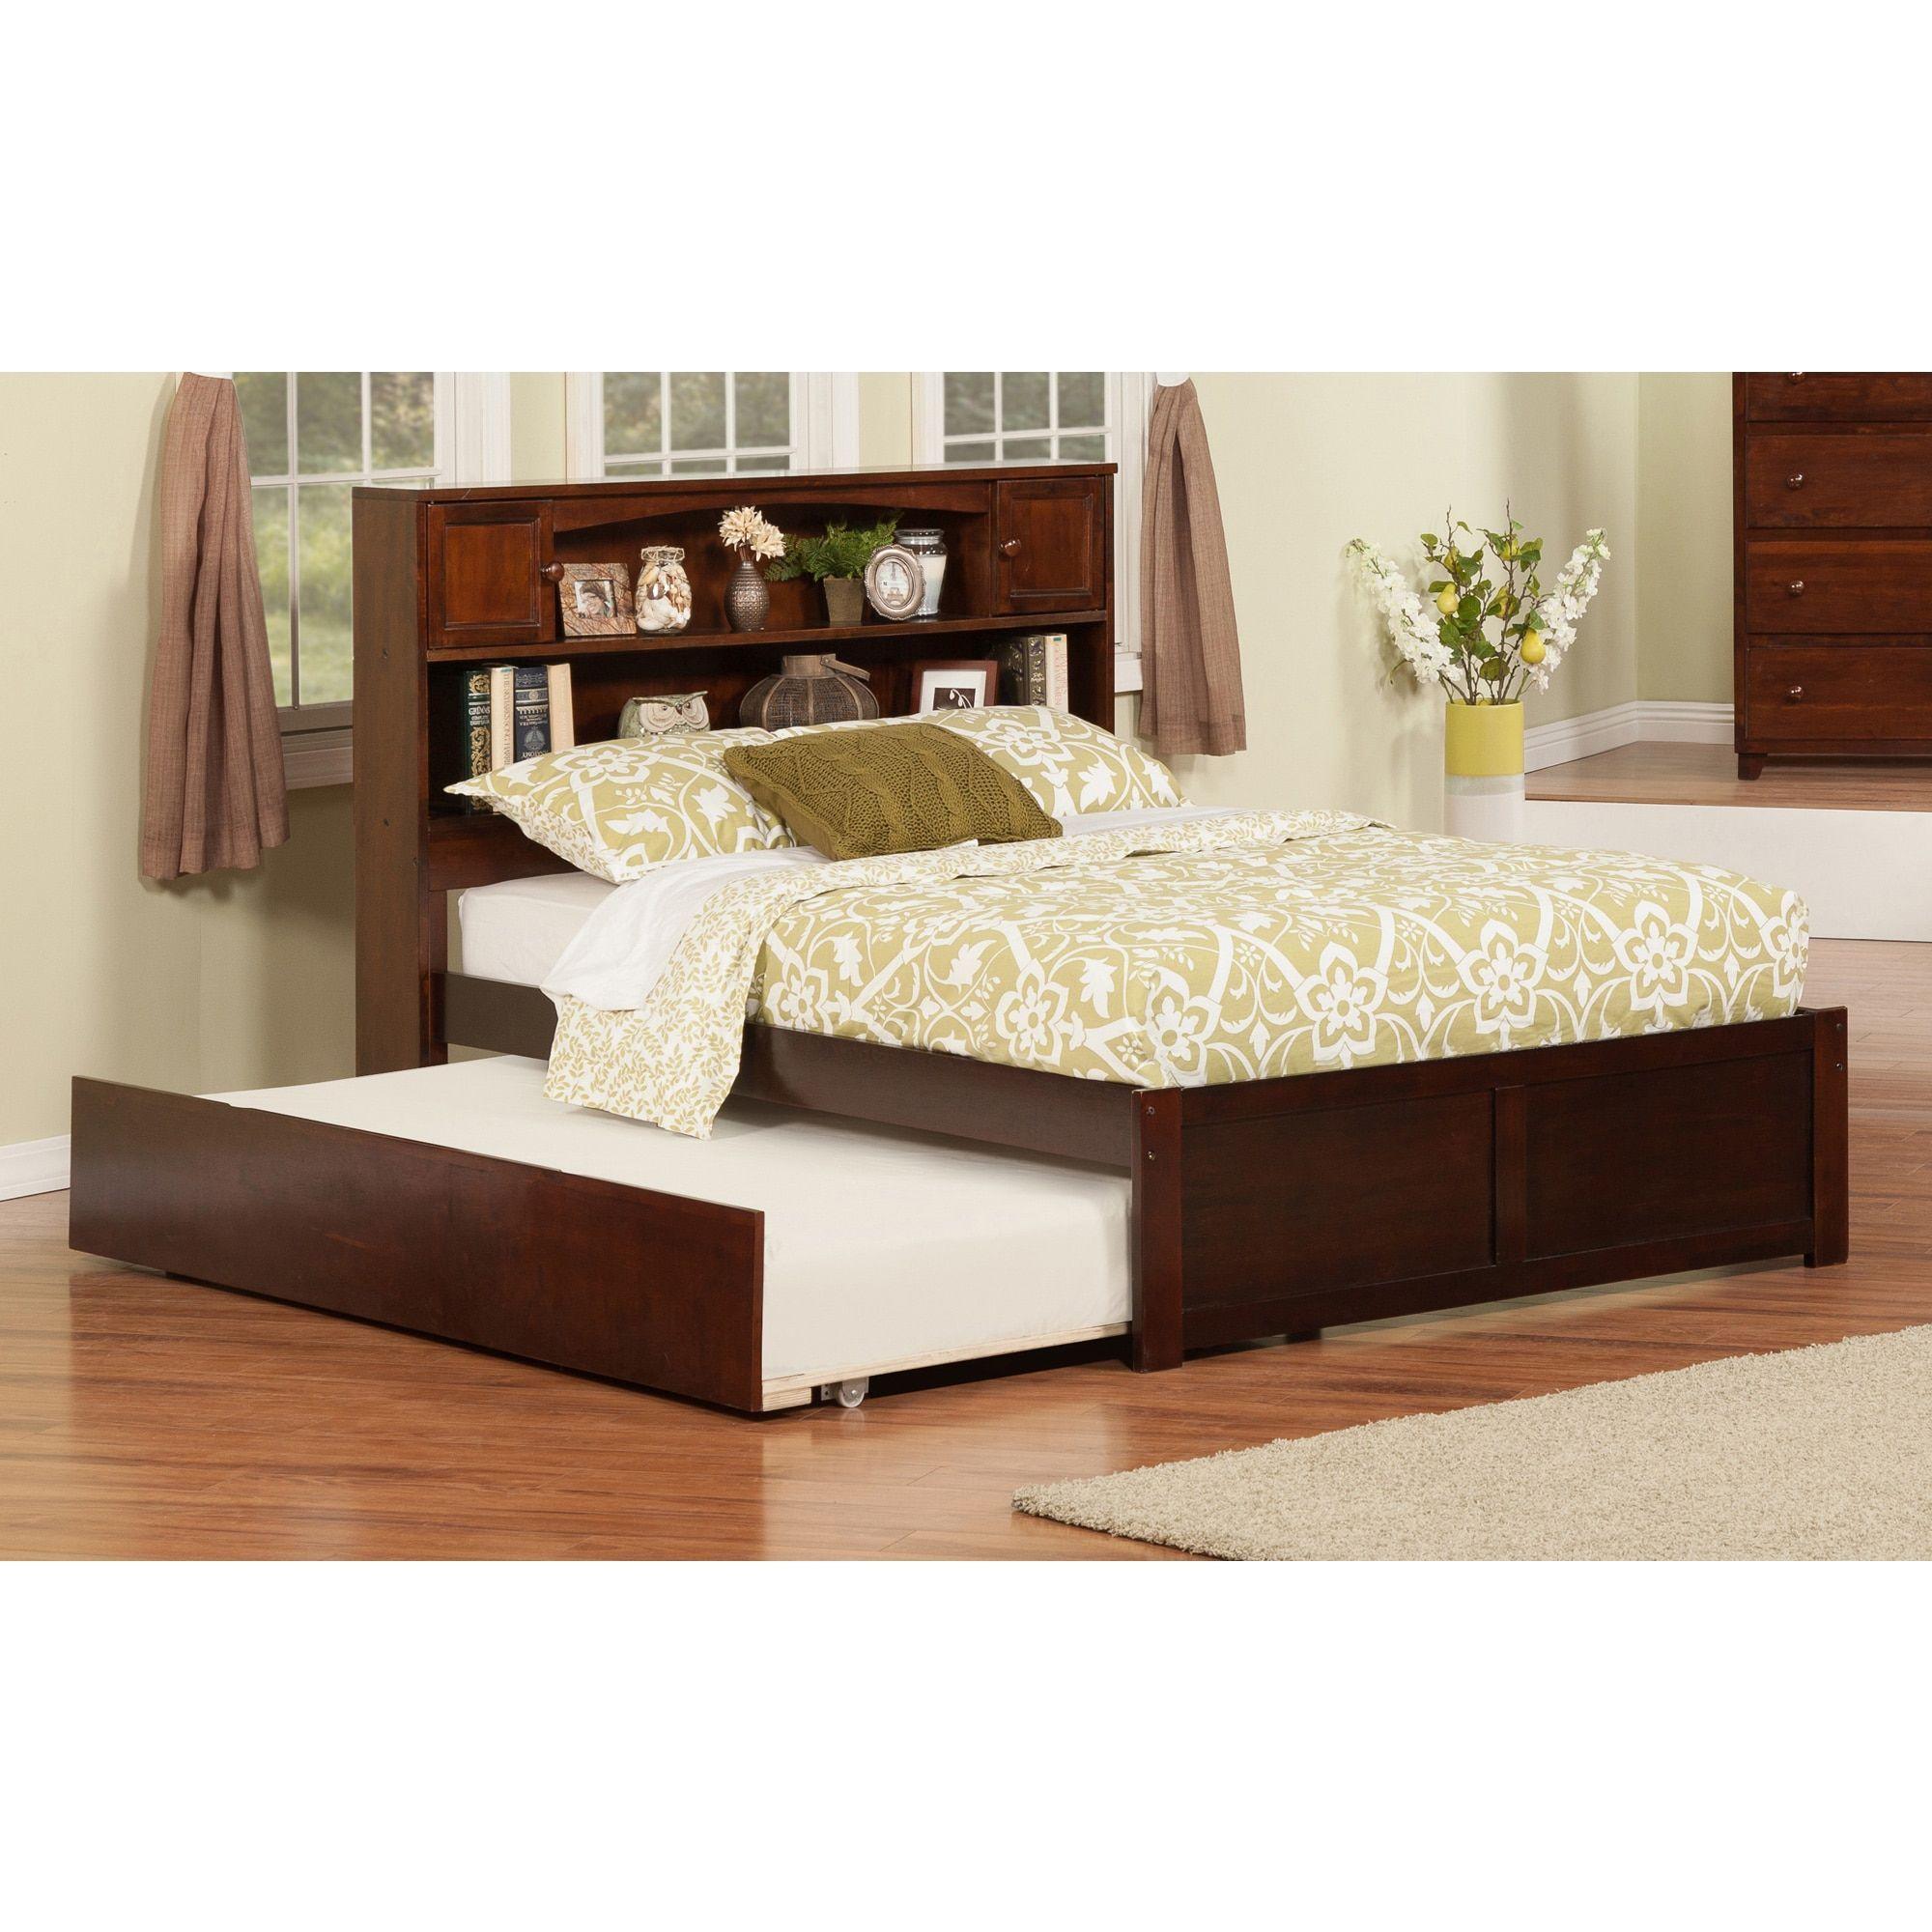 atlantic furniture newport walnut finish flat panel foot board with rh pinterest com